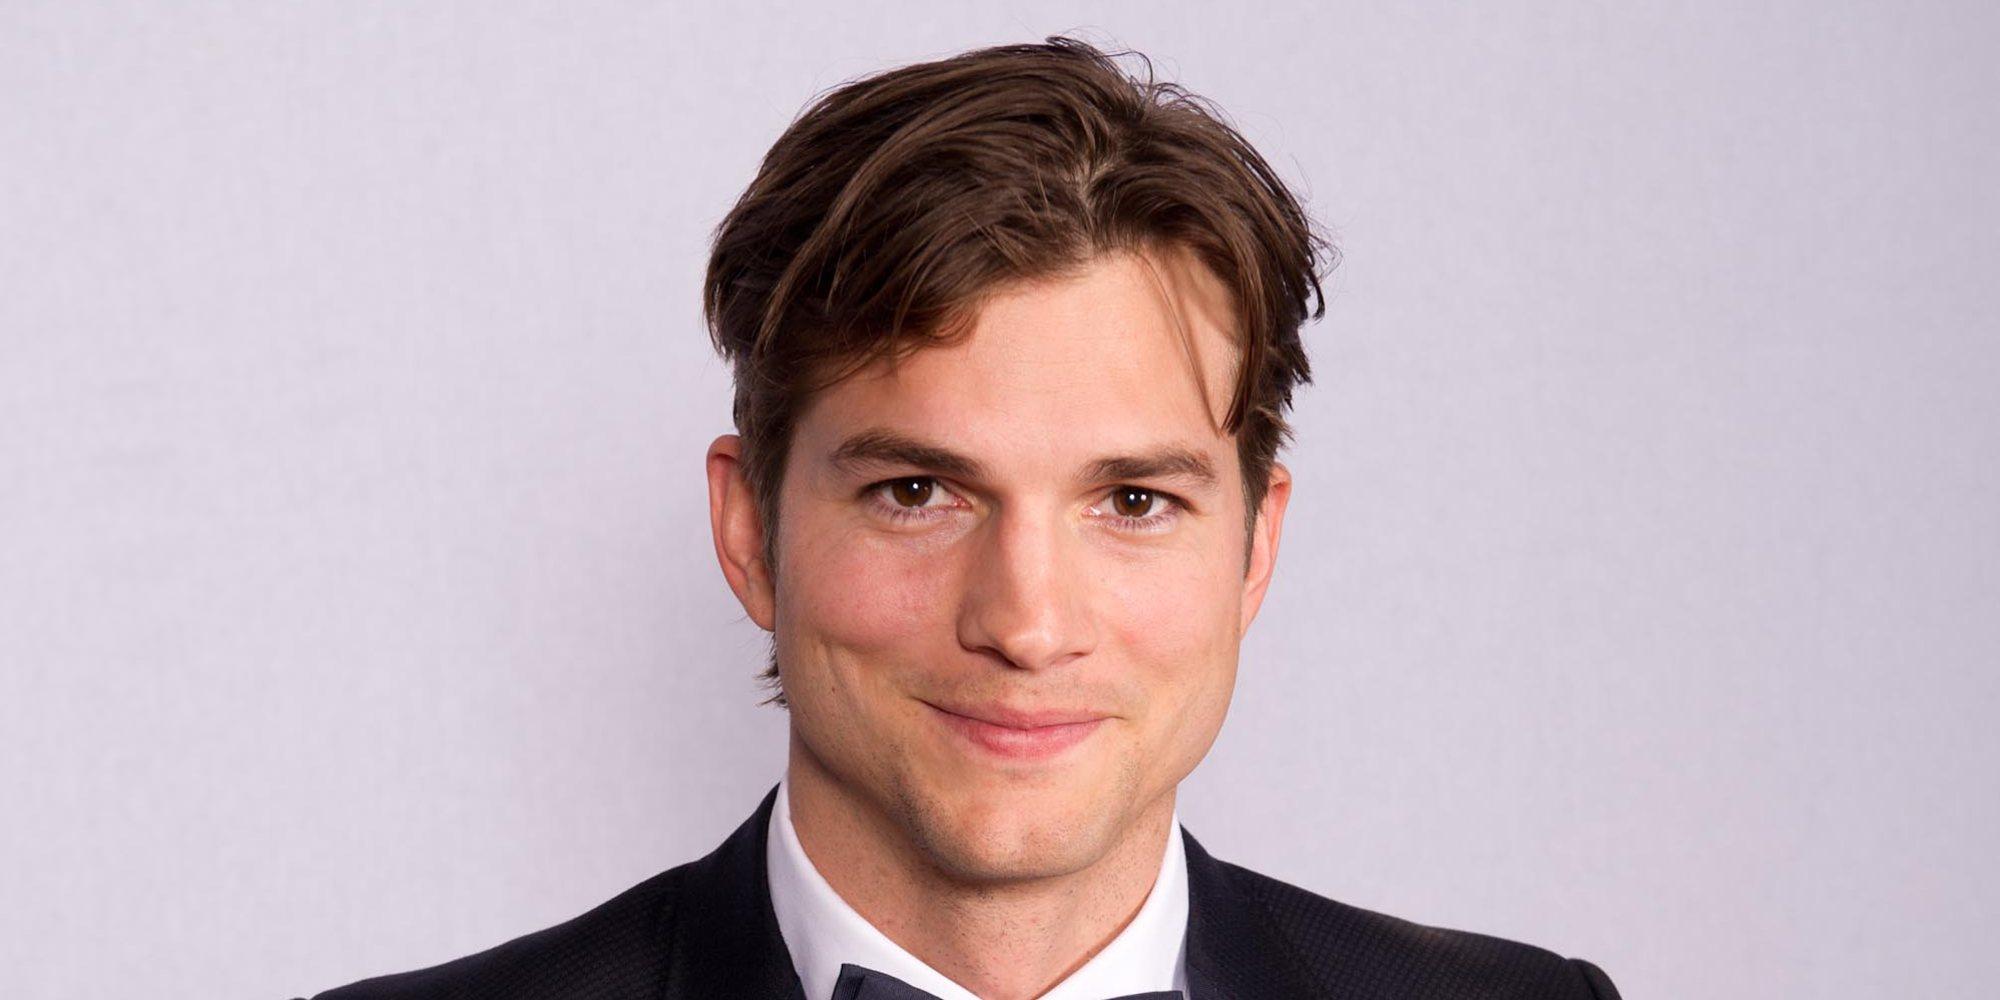 La liberación de Ashton Kutcher: el llamado 'Destripador de Hollywood', condenado por asesinar a su exnovia